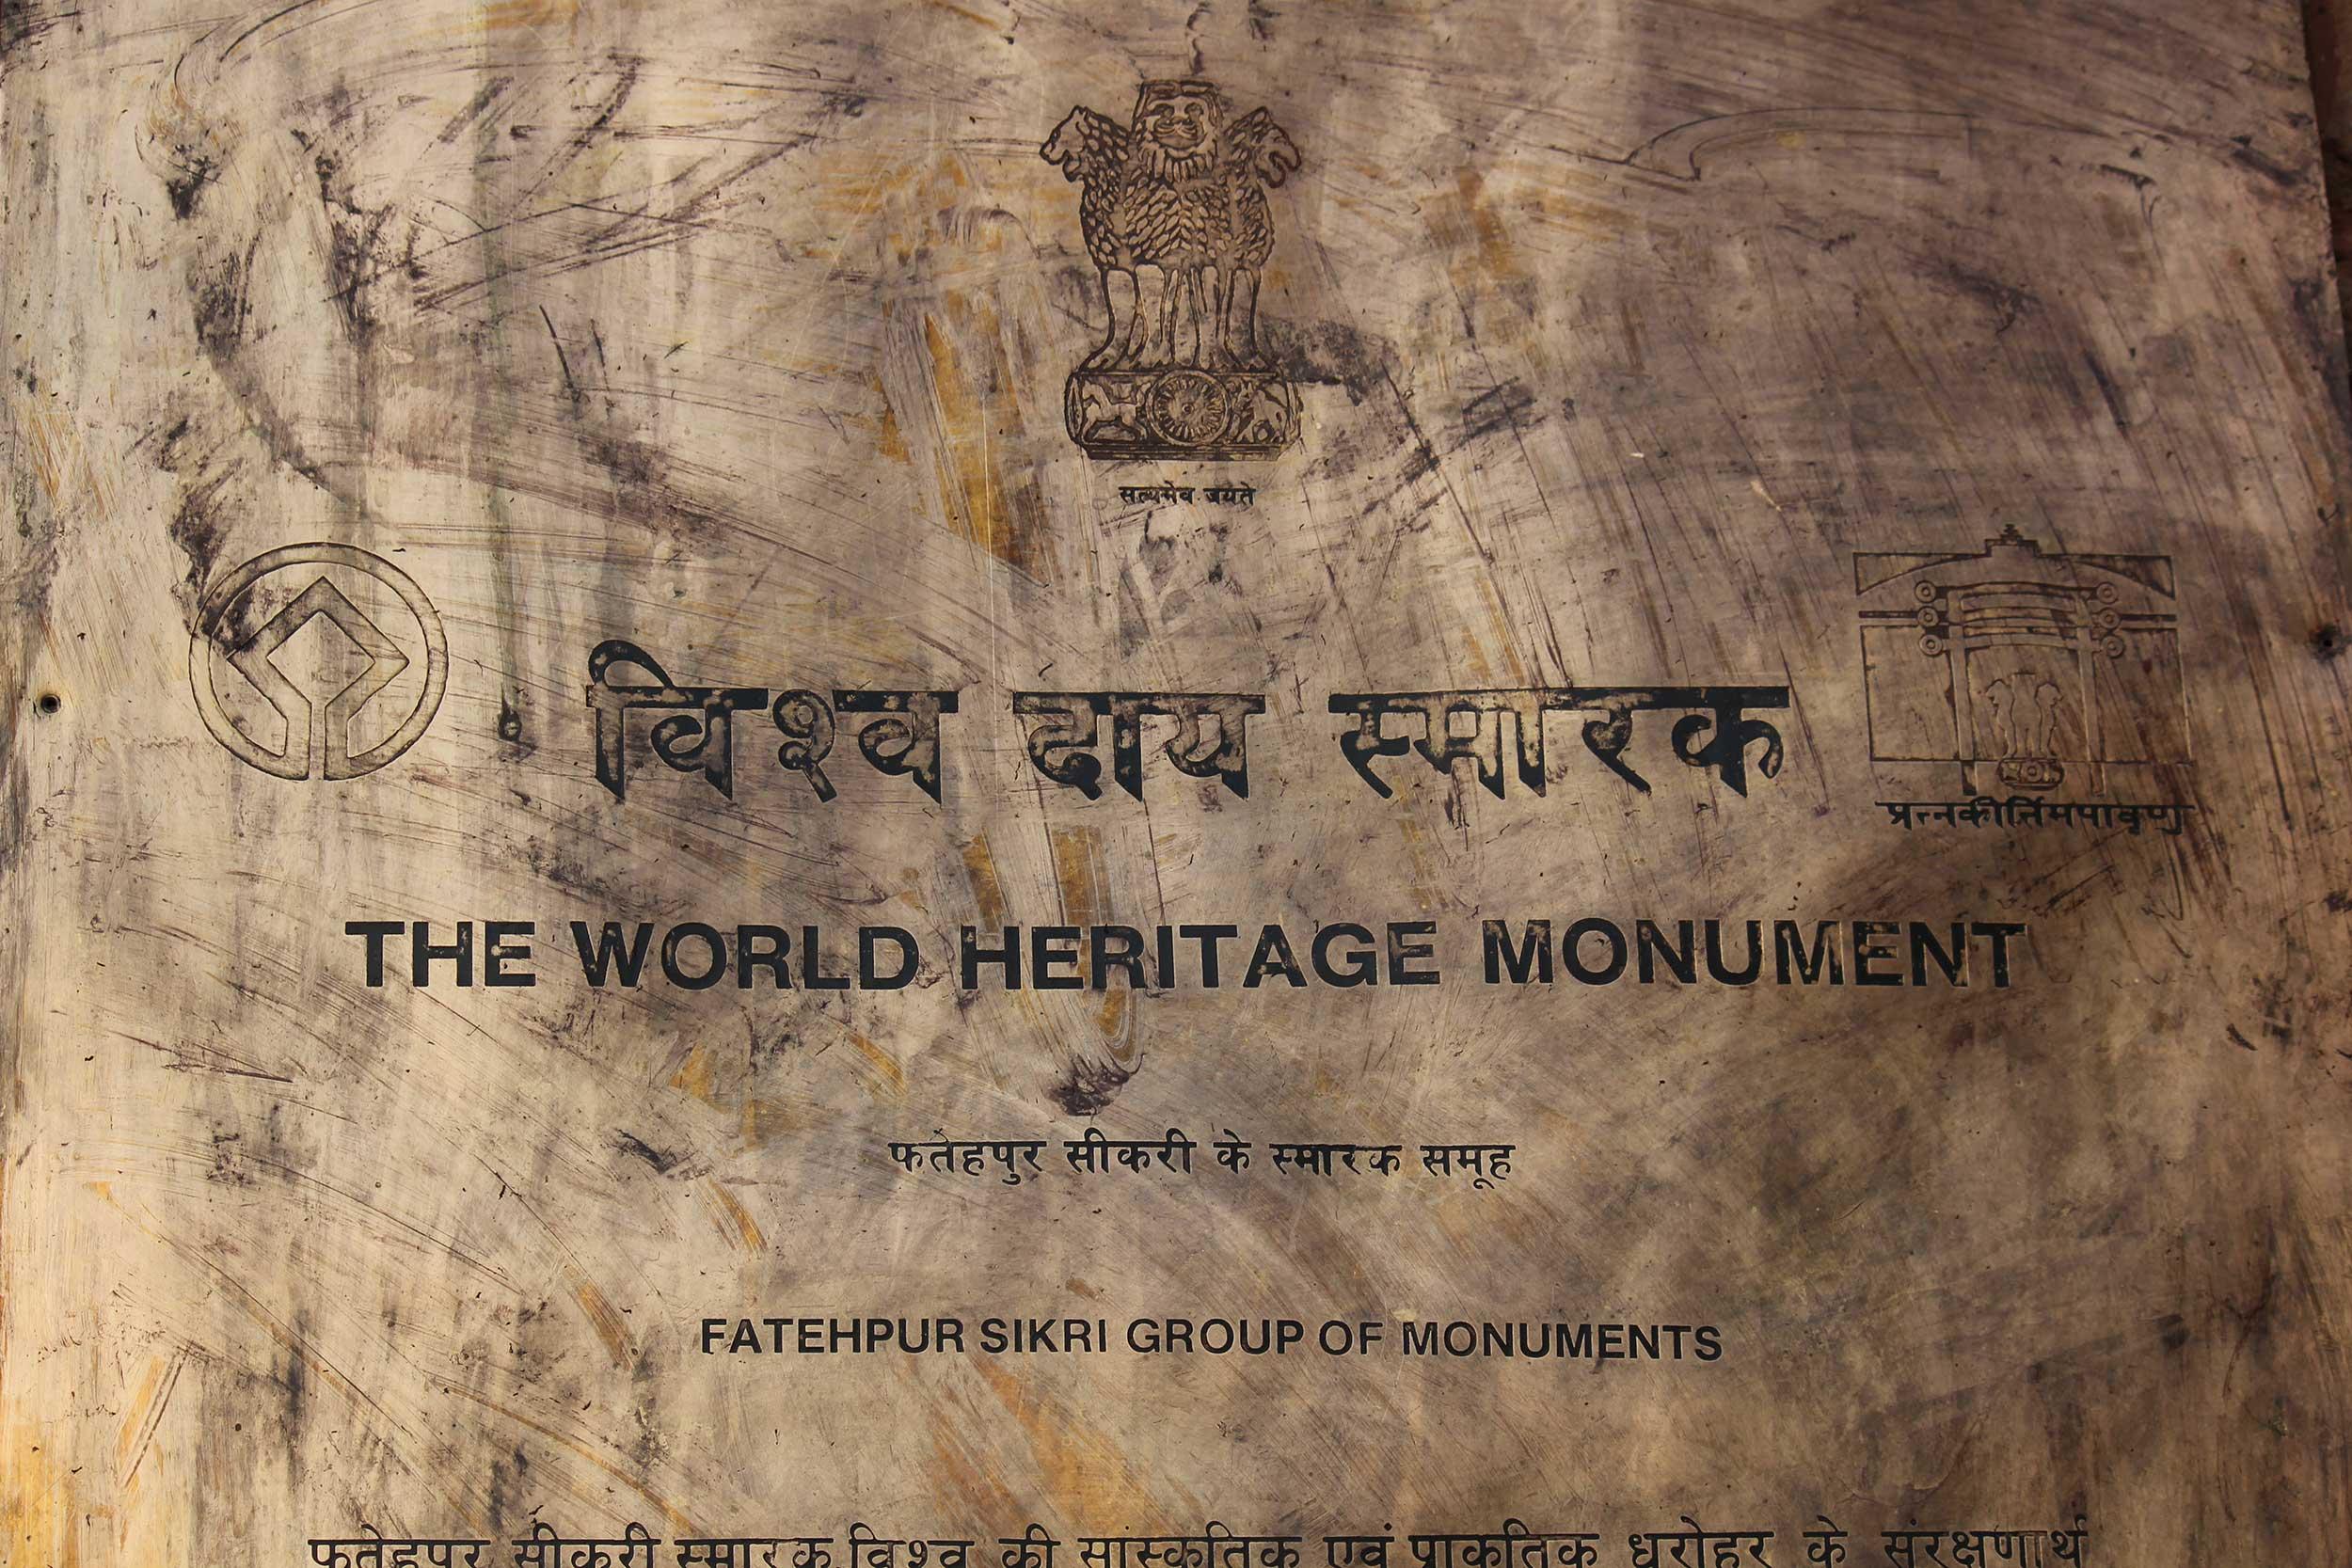 UNESCO World Heritage Site plaque at Fatehpur Sikri (© greta6/Depositphotos.com)